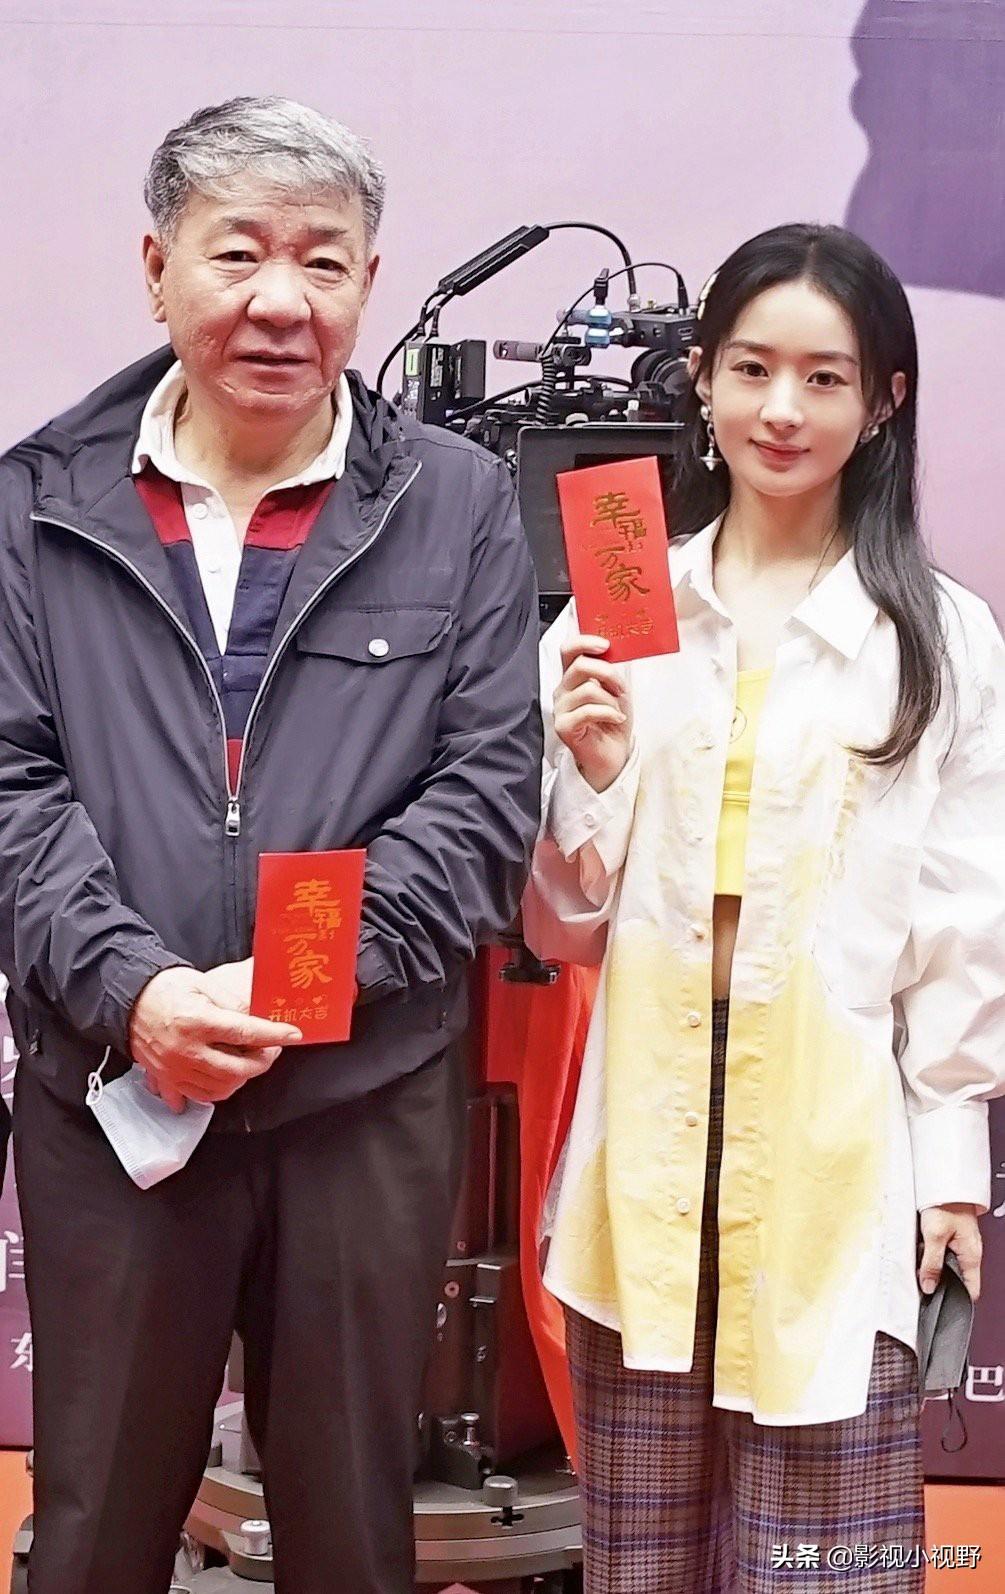 赵丽颖新剧《幸福到万家》开机,搭档被替换,罗晋特别出演